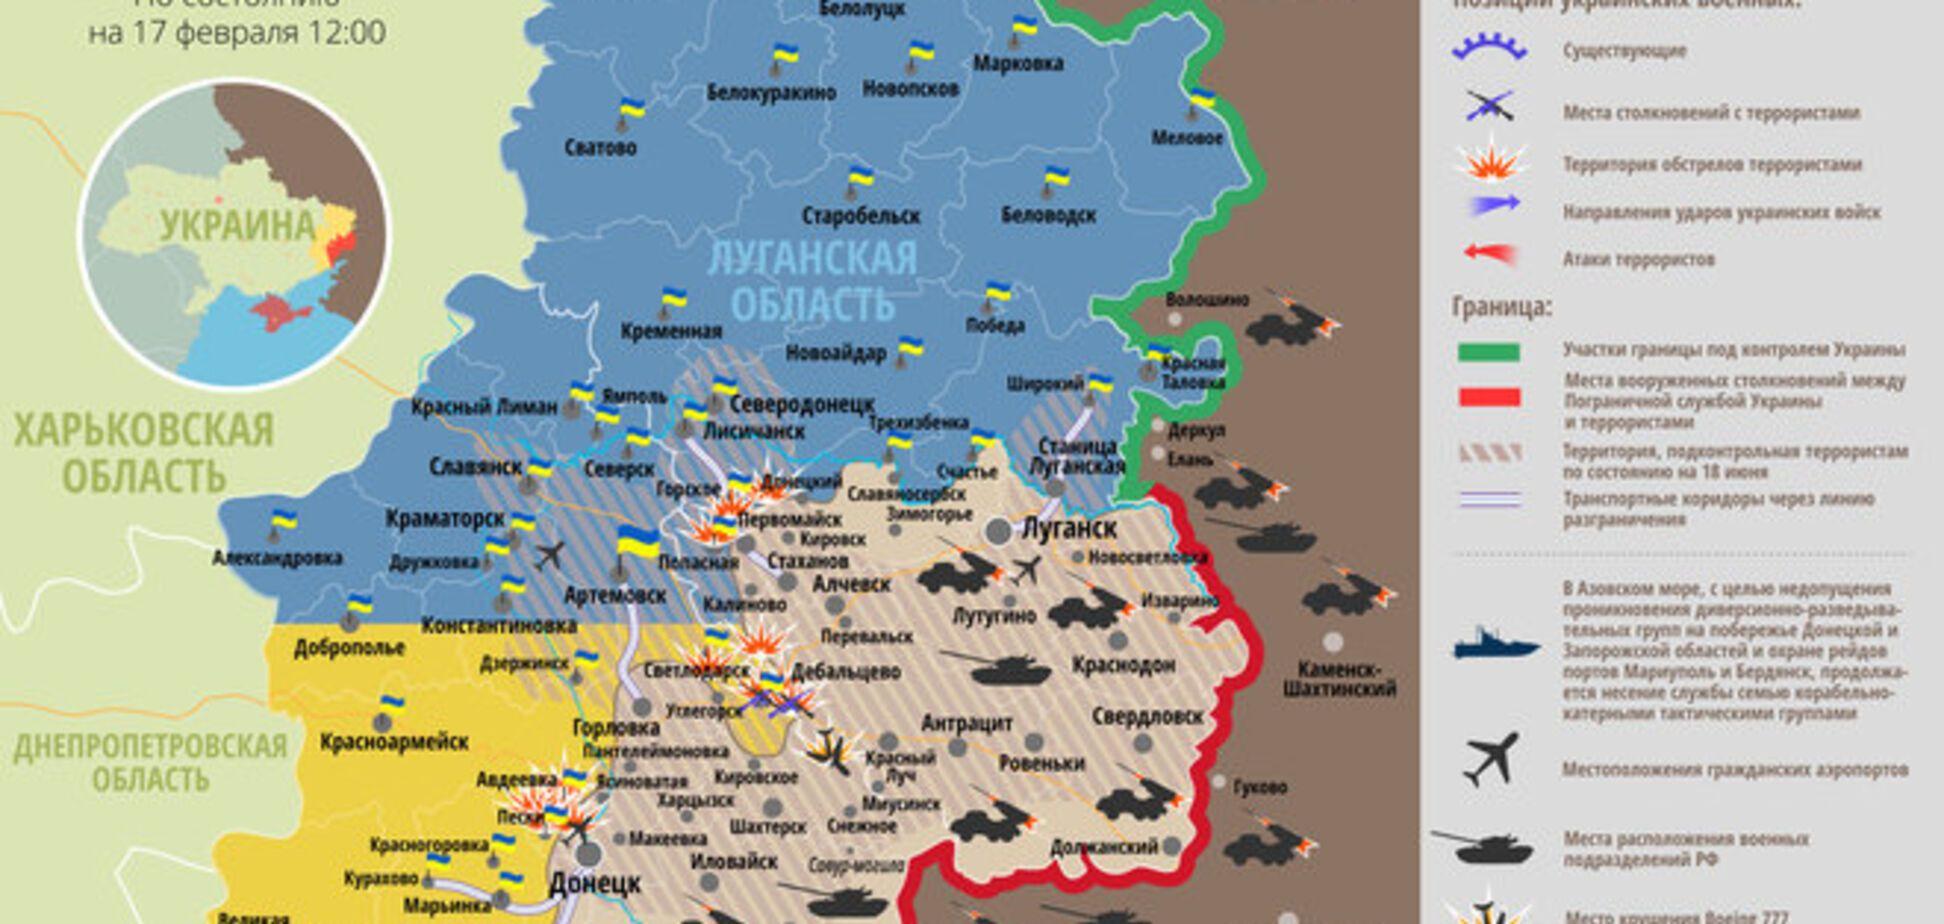 Россия продолжает переброску техники на Донбасс: актуальная карта АТО